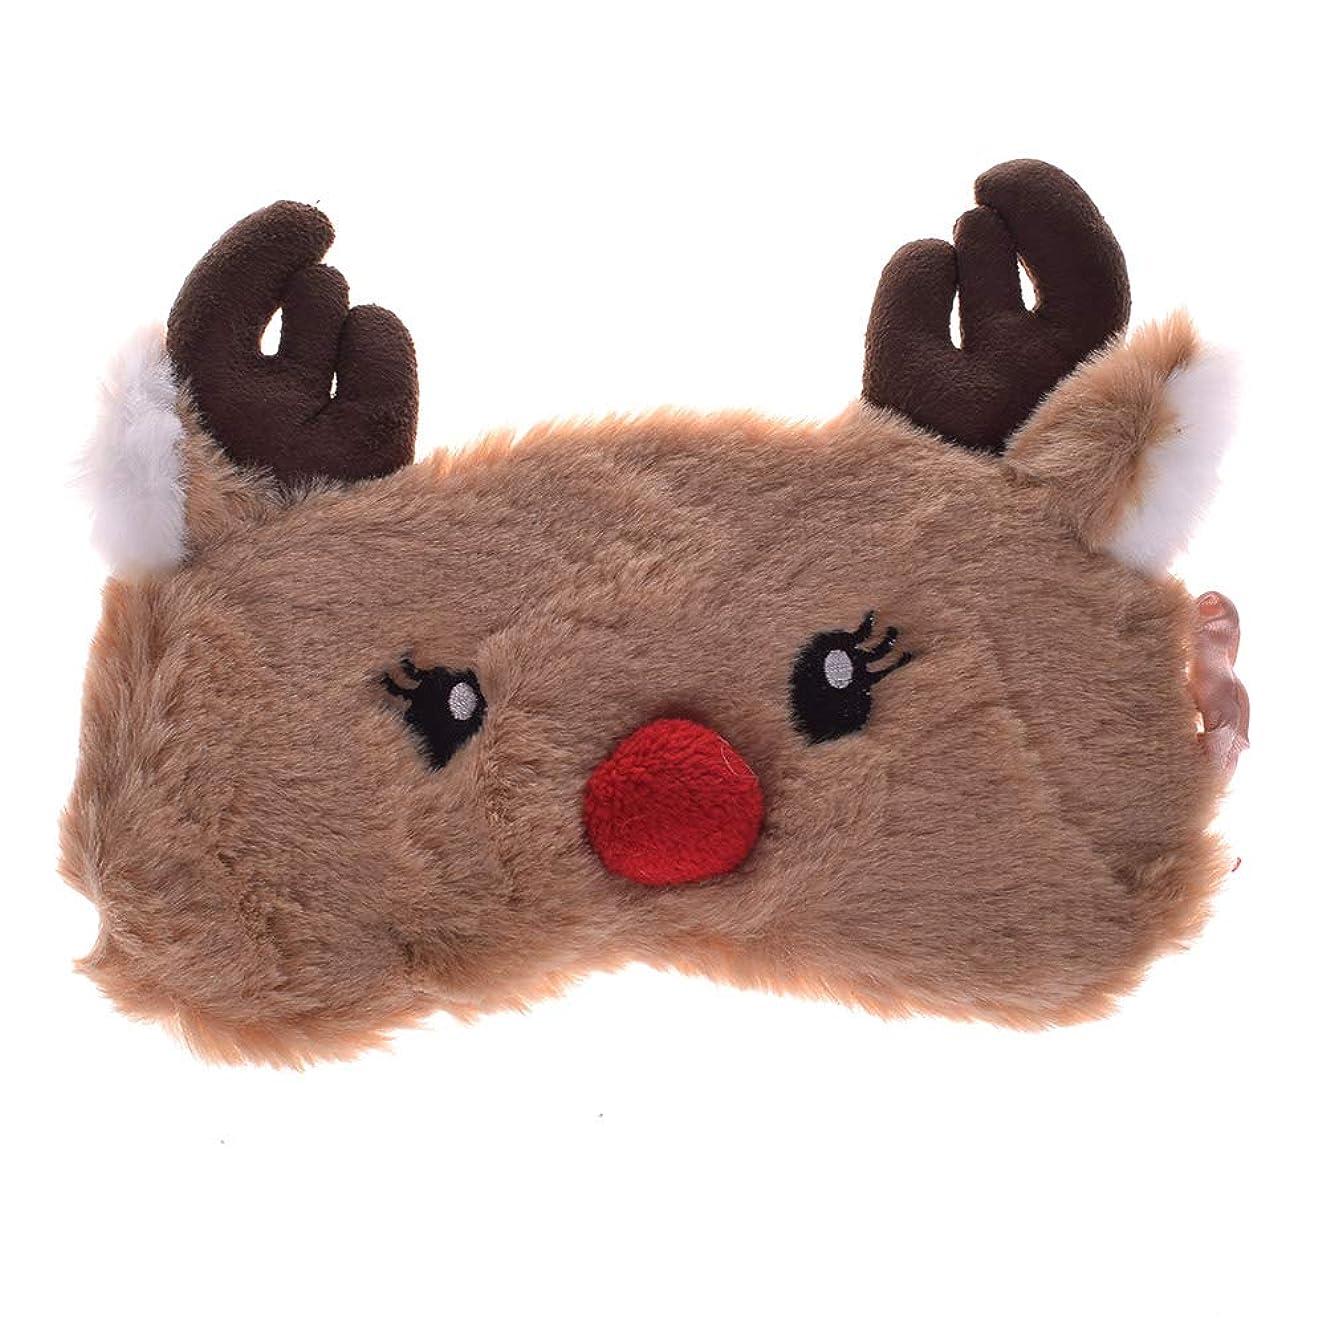 ぬるい最初は軍隊NOTE クリスマス鹿かわいいアニマルアイカバーぬいぐるみ布睡眠マスクアイパッチ冬漫画昼寝アイシェード用クリスマスギフト